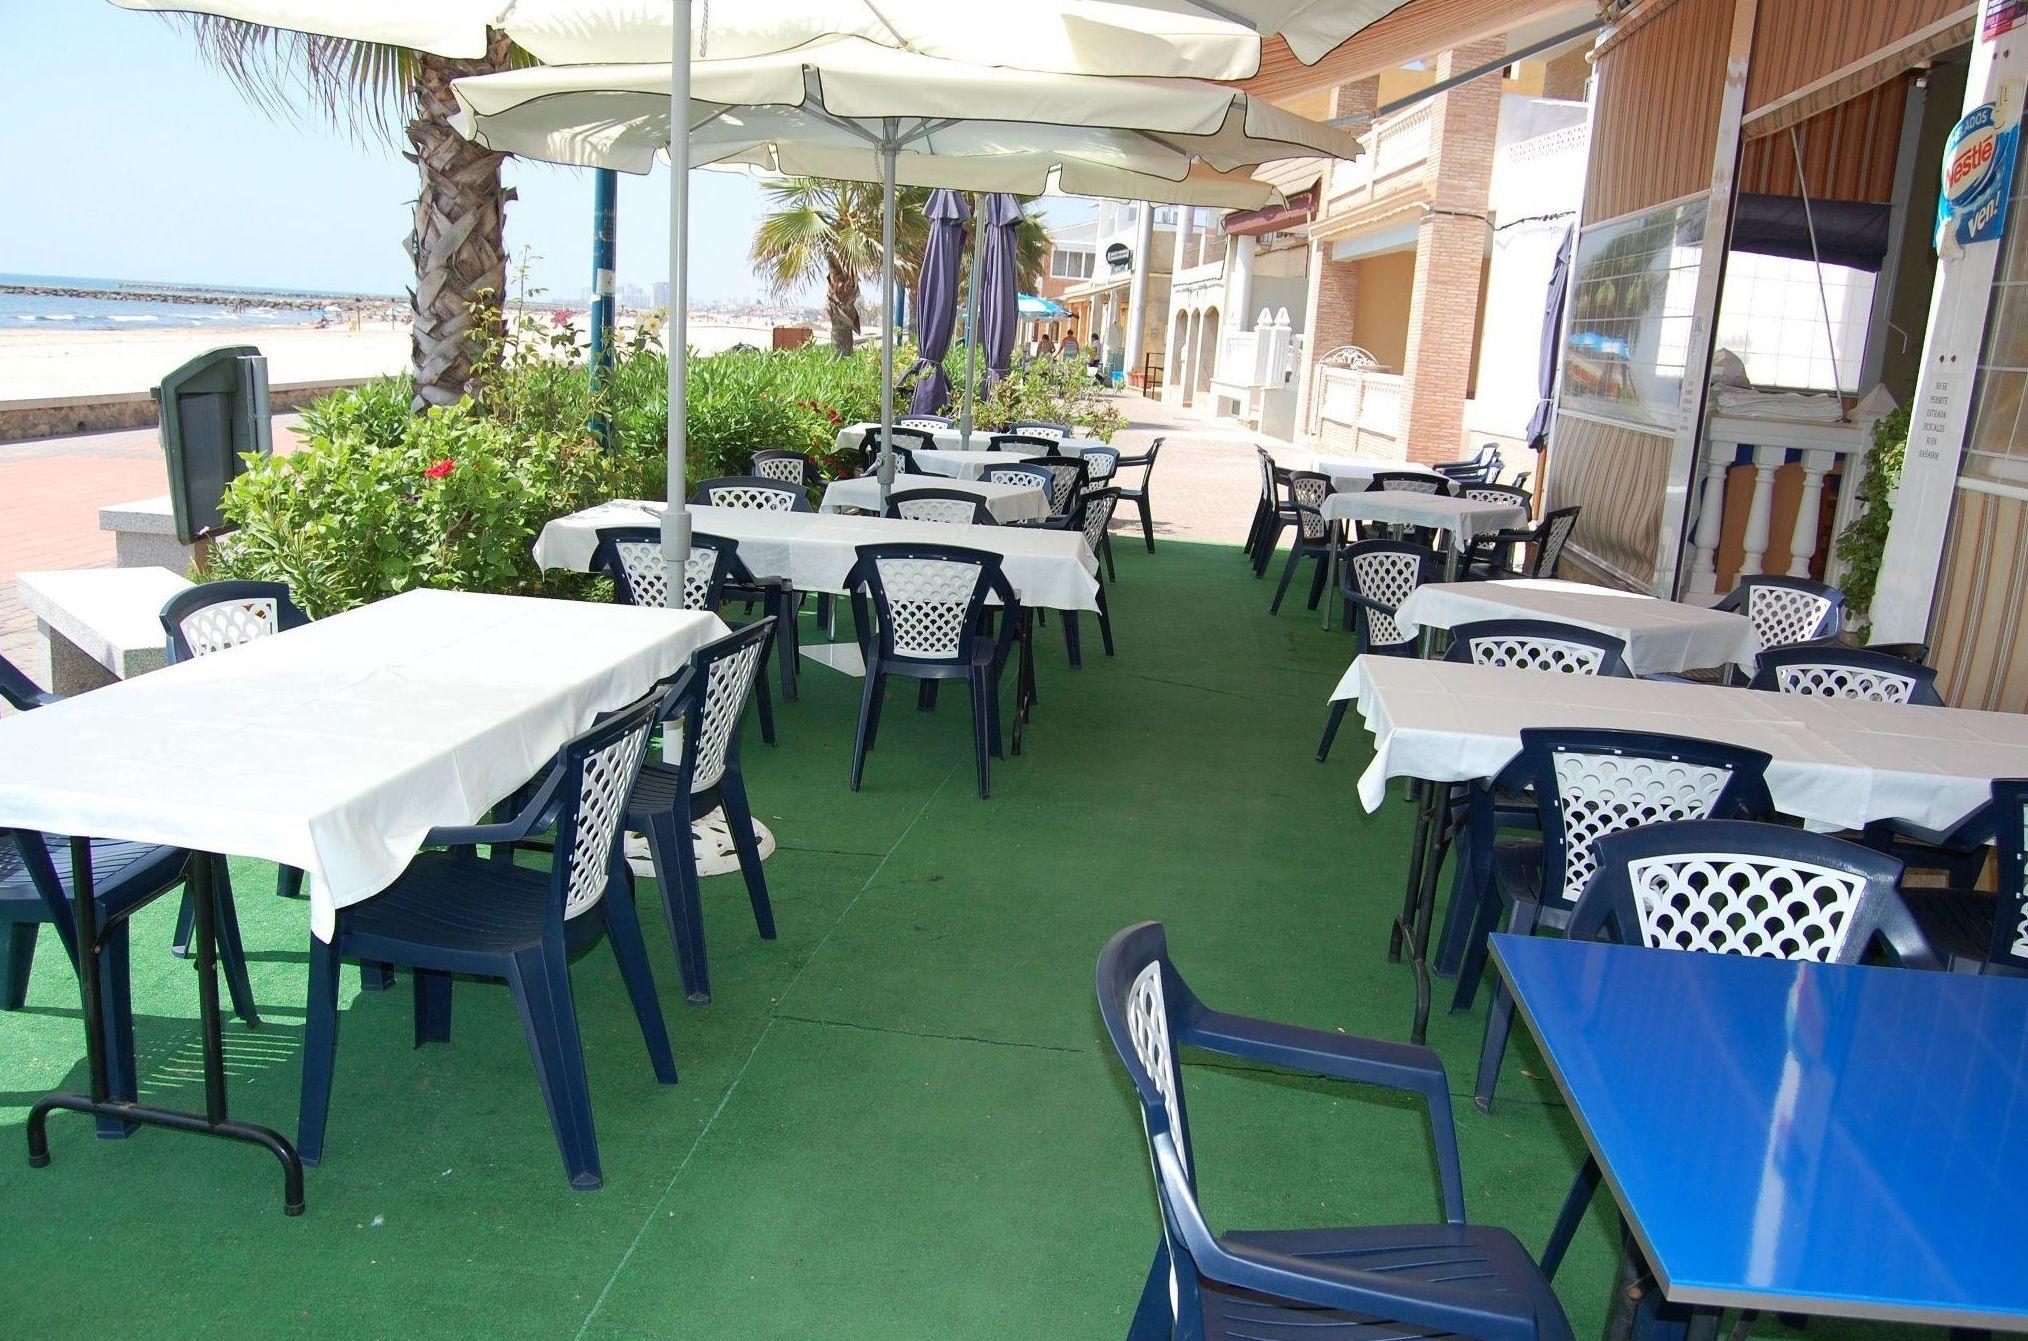 Foto 11 de Restaurante en Playa | Restaurante La Marina